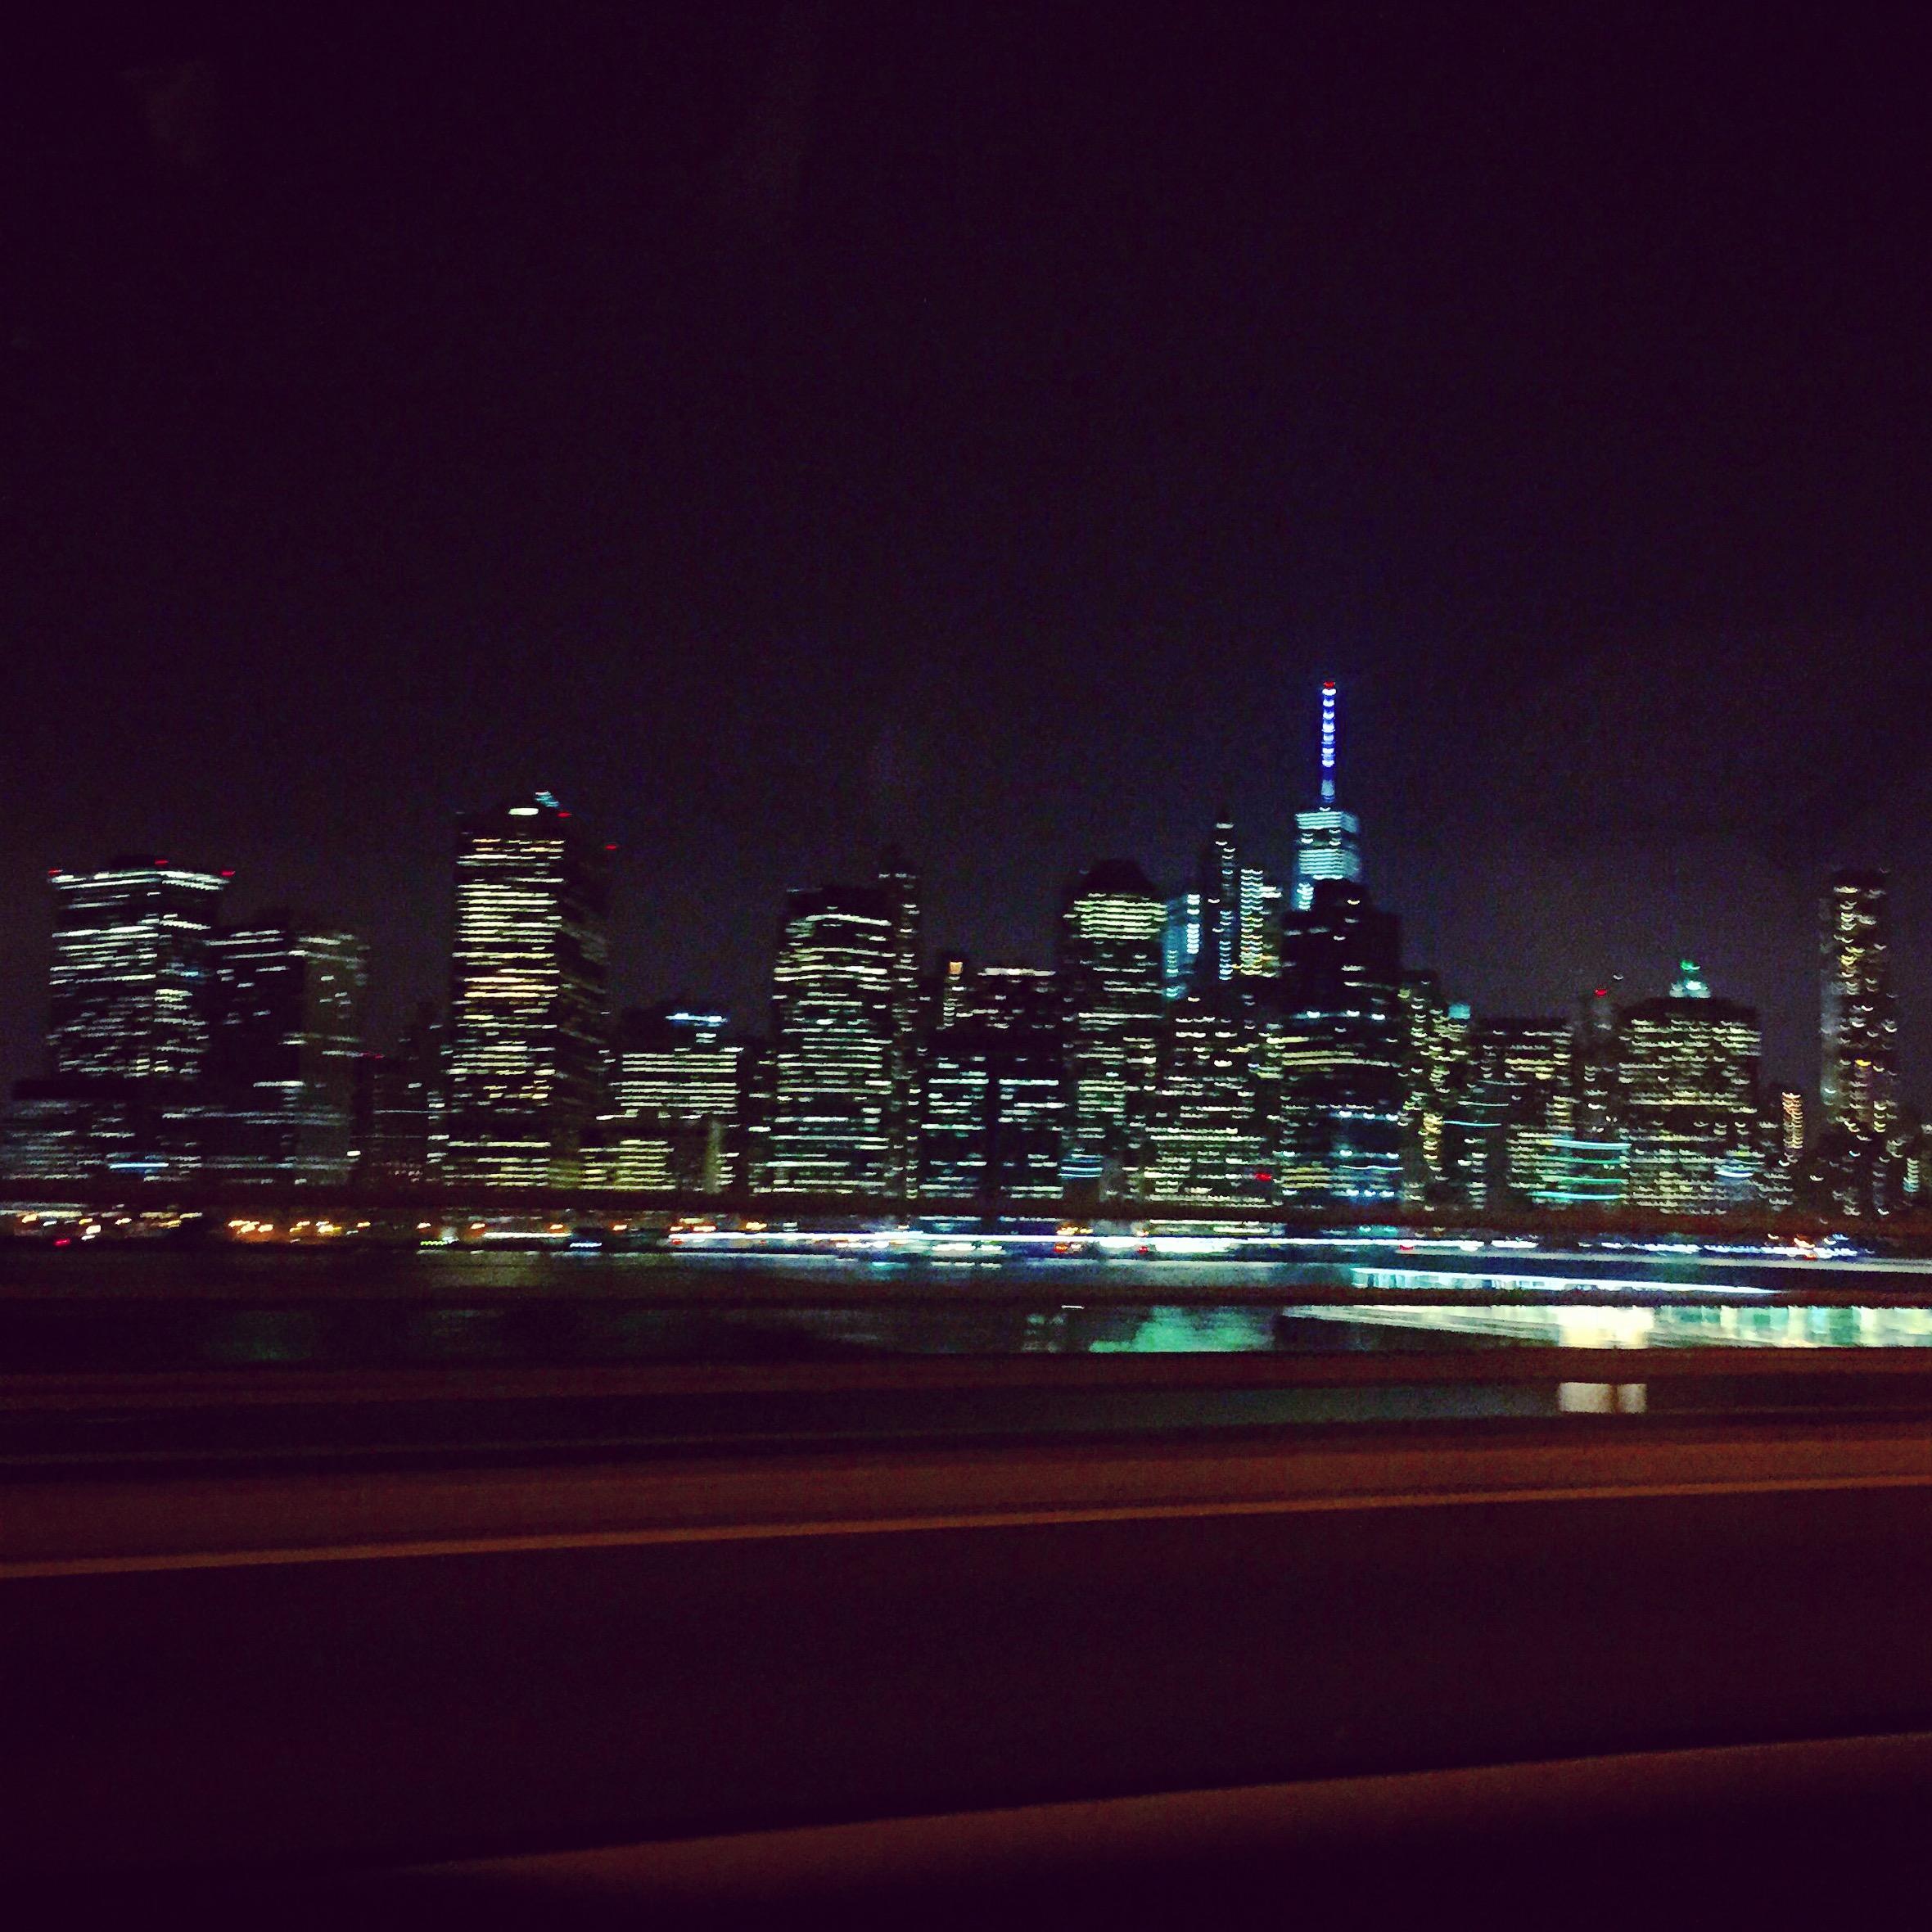 skyline-new-york-guida-essenziale-chic-cosa-fare-mettere-valigia-non-si-dice-piacere-blog-buone maniere